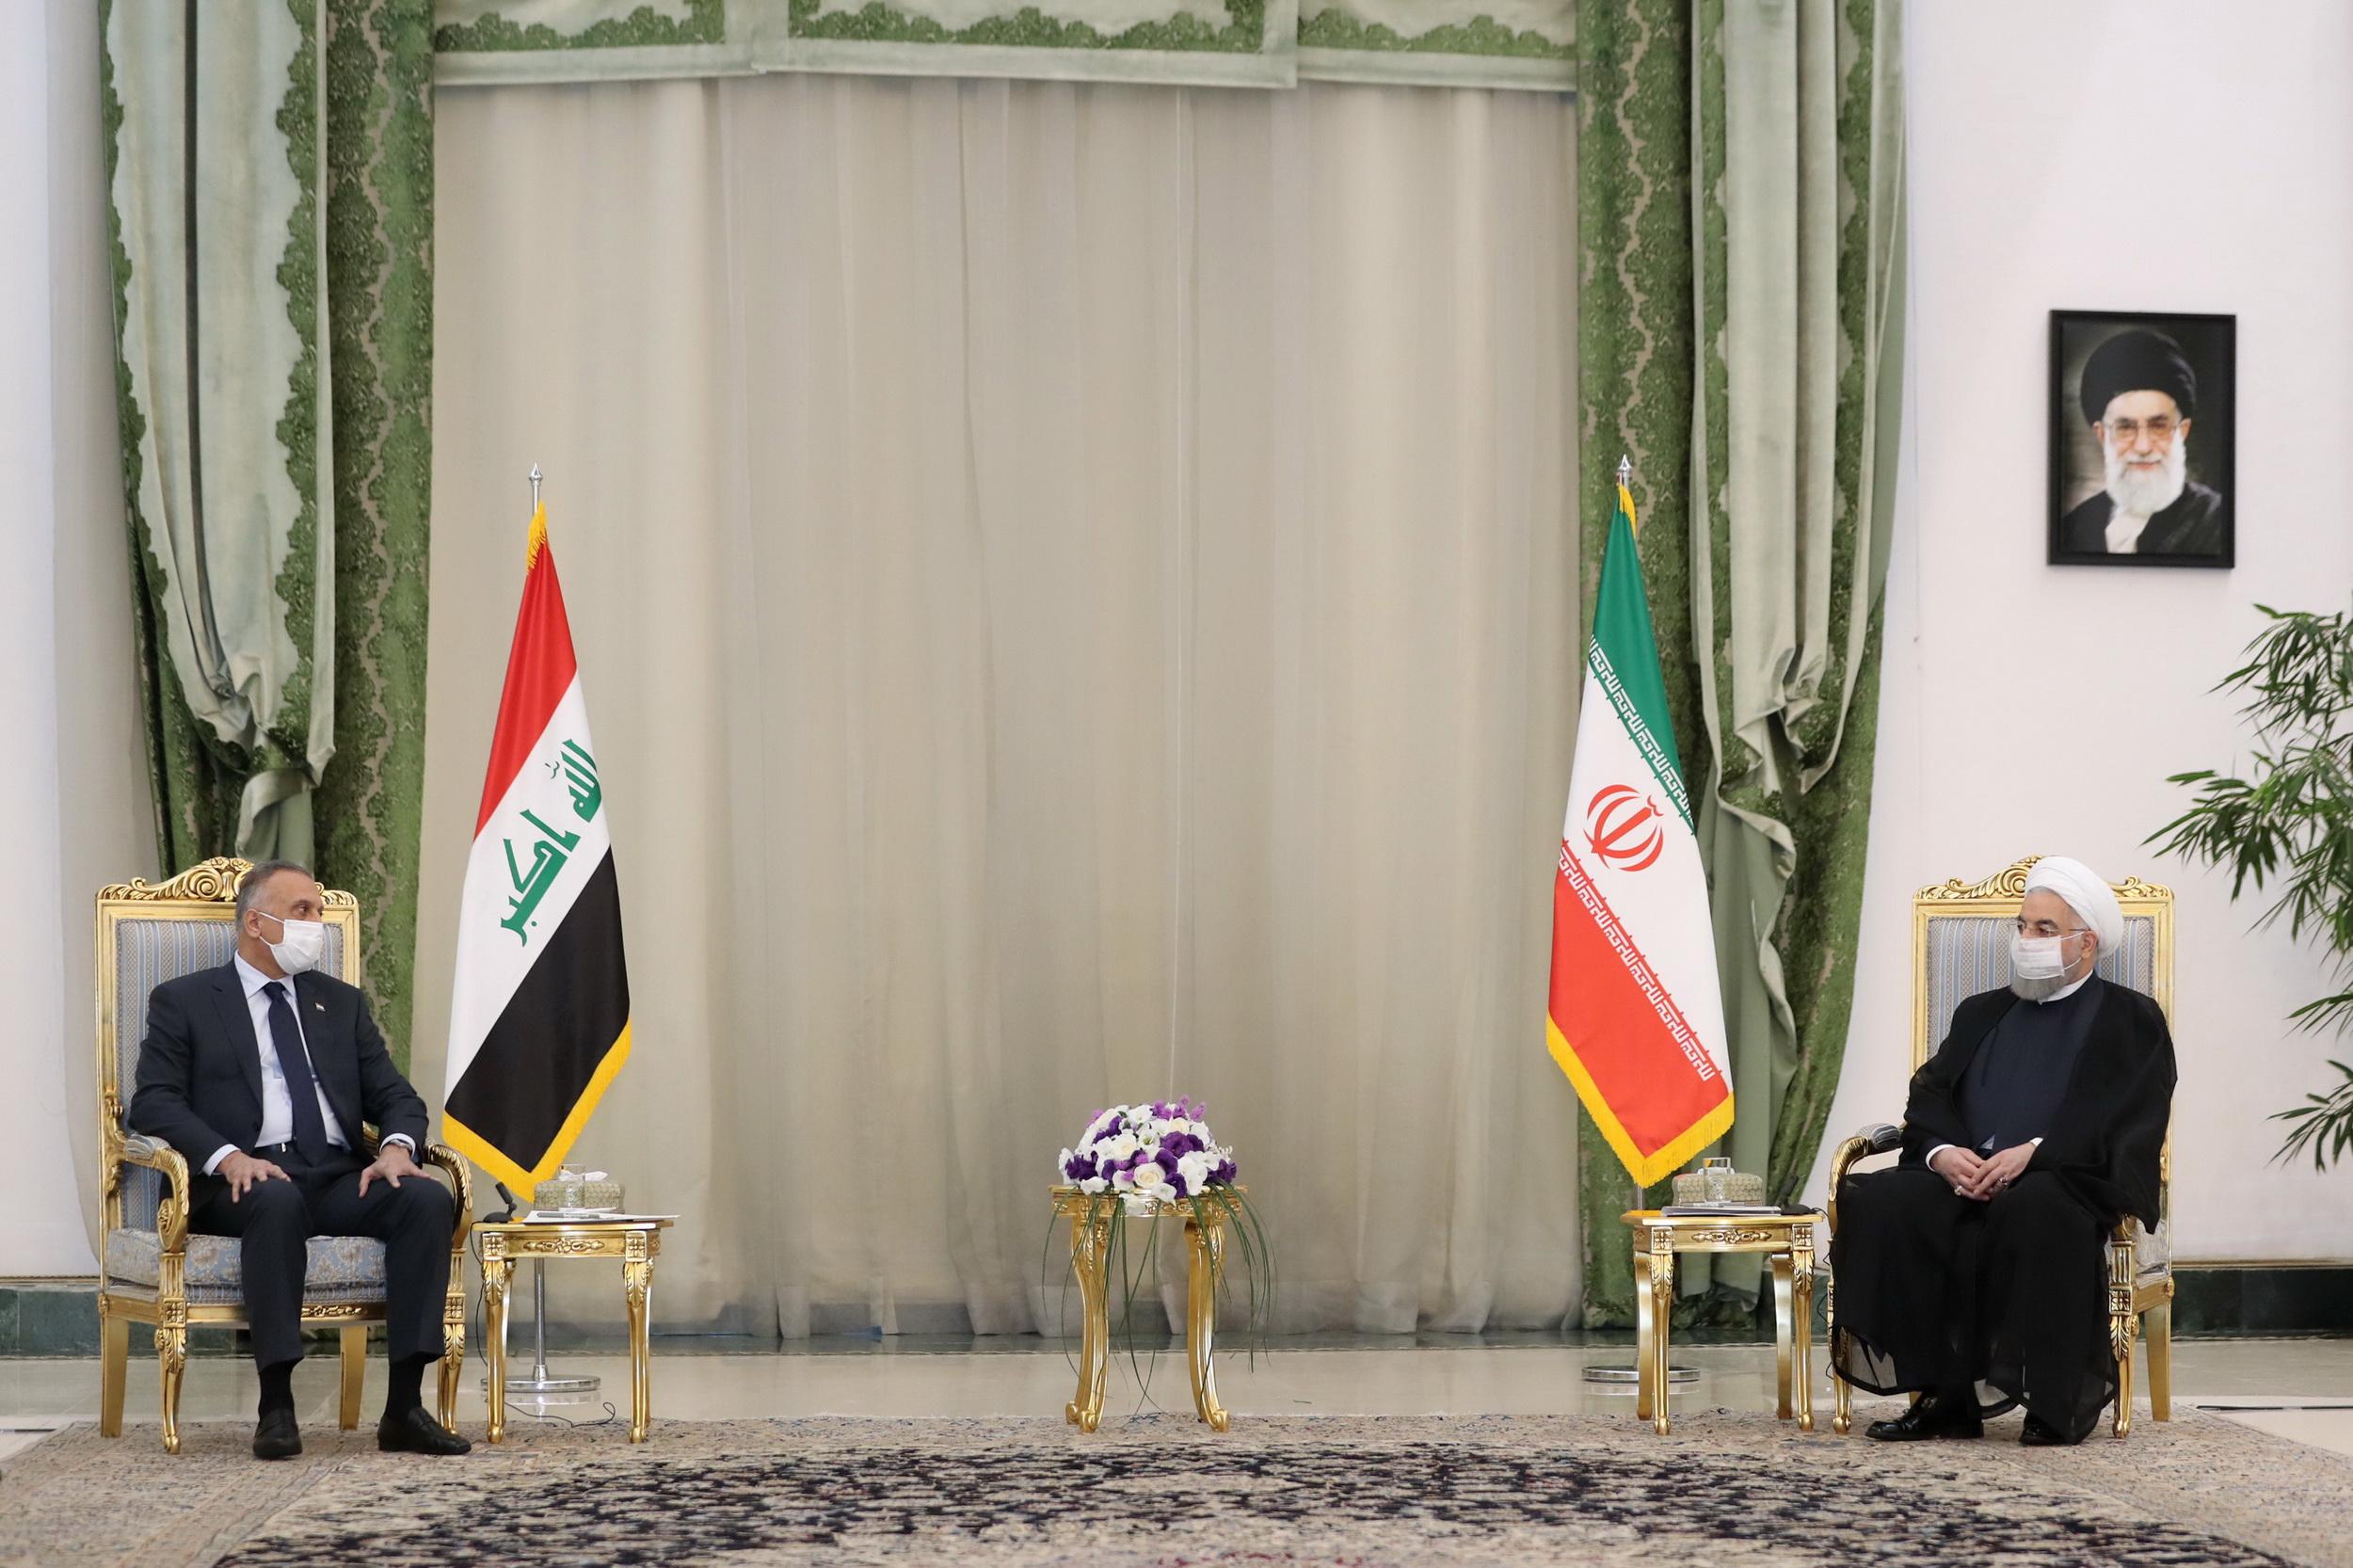 Kadhimi and Rouhani meet